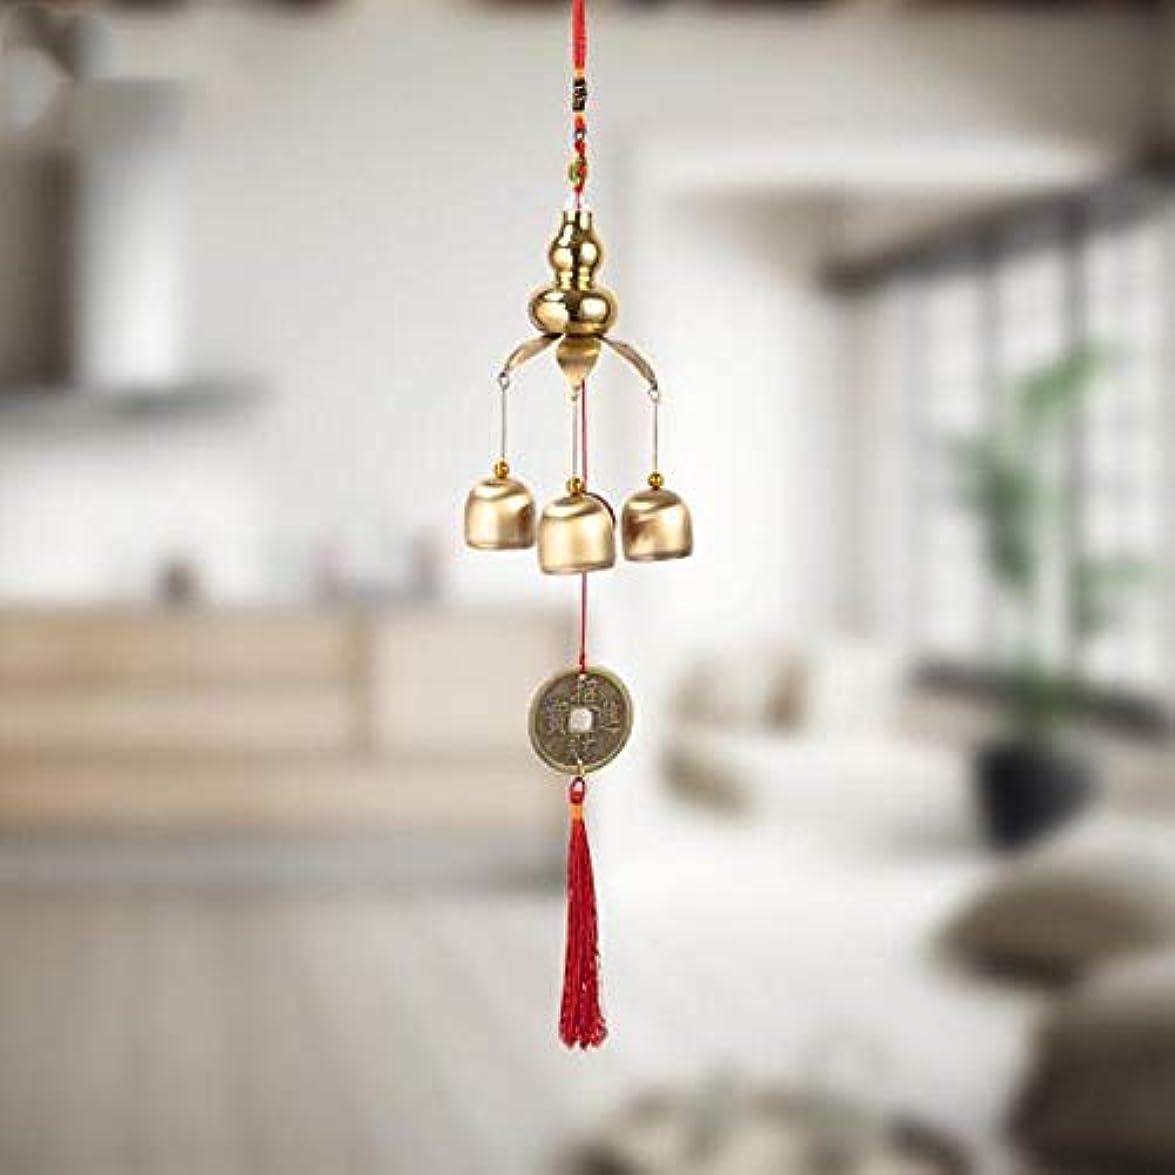 どれ機会ジャグリングQiyuezhuangshi 風チャイム、クリエイティブ?銅ひょうたんホームデコレーション風チャイム、ゴールド、約45CMの長さの合計,美しいホリデーギフト (Color : A)